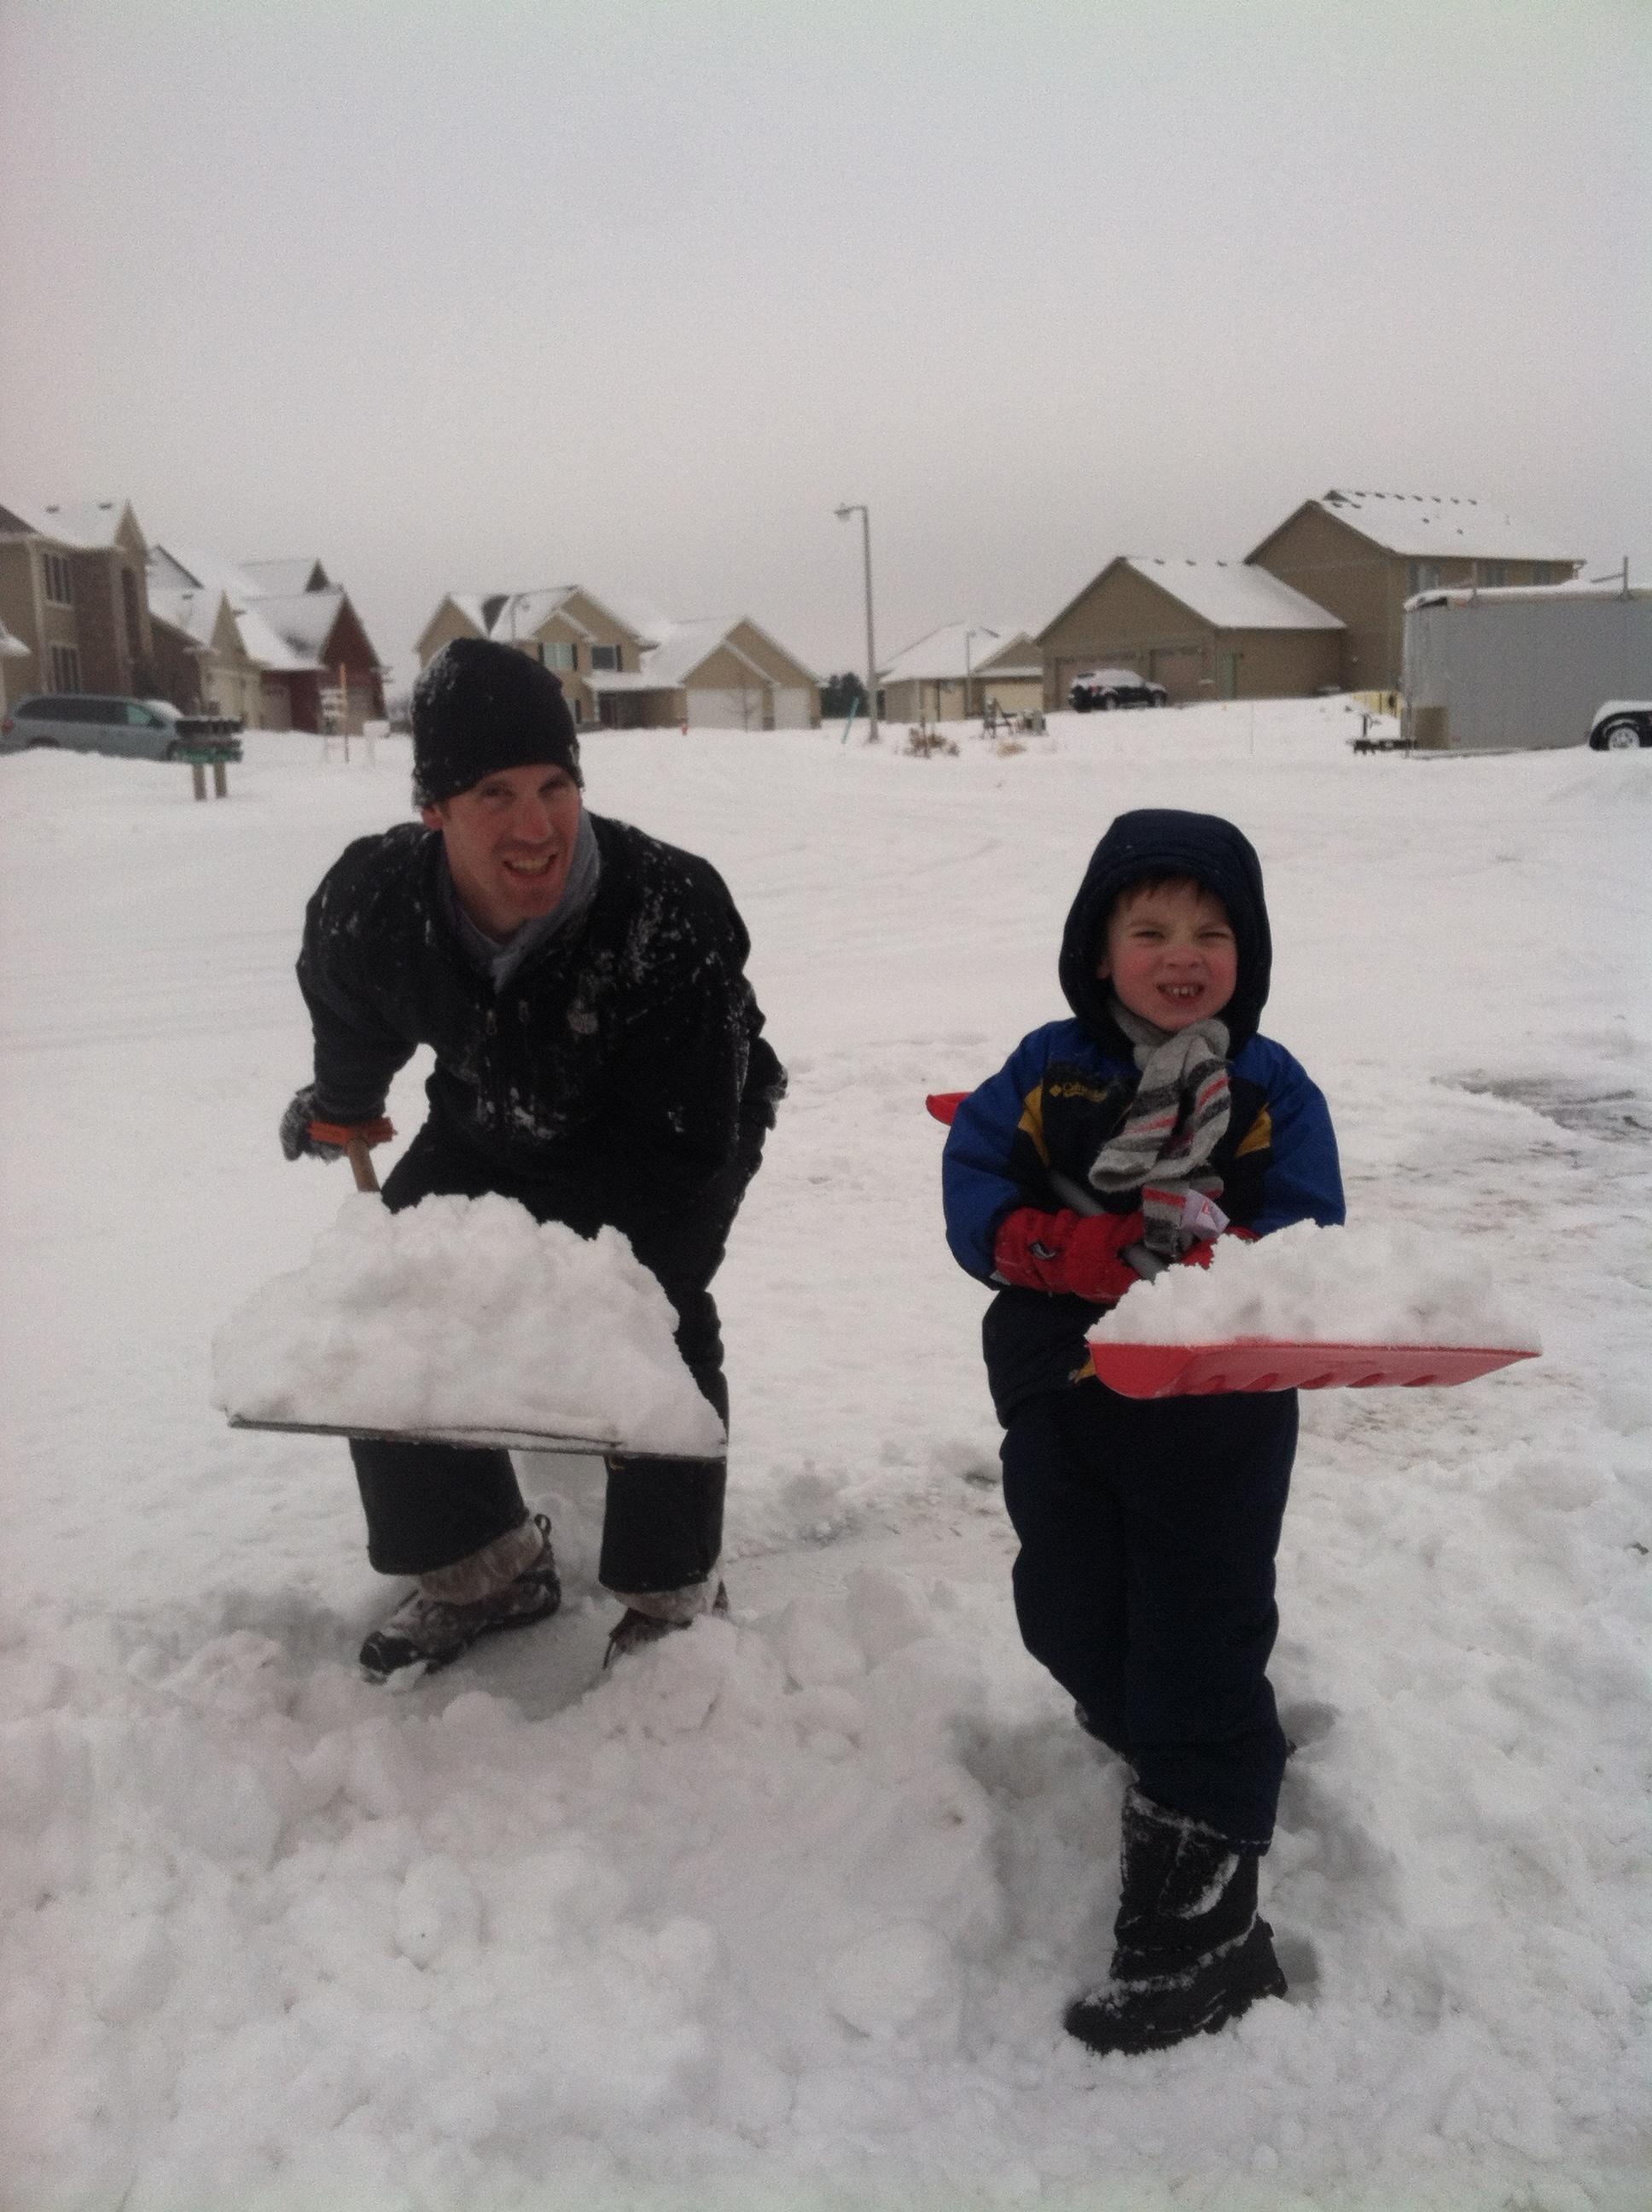 Shoveling_snow_with_Finn_2013.jpg